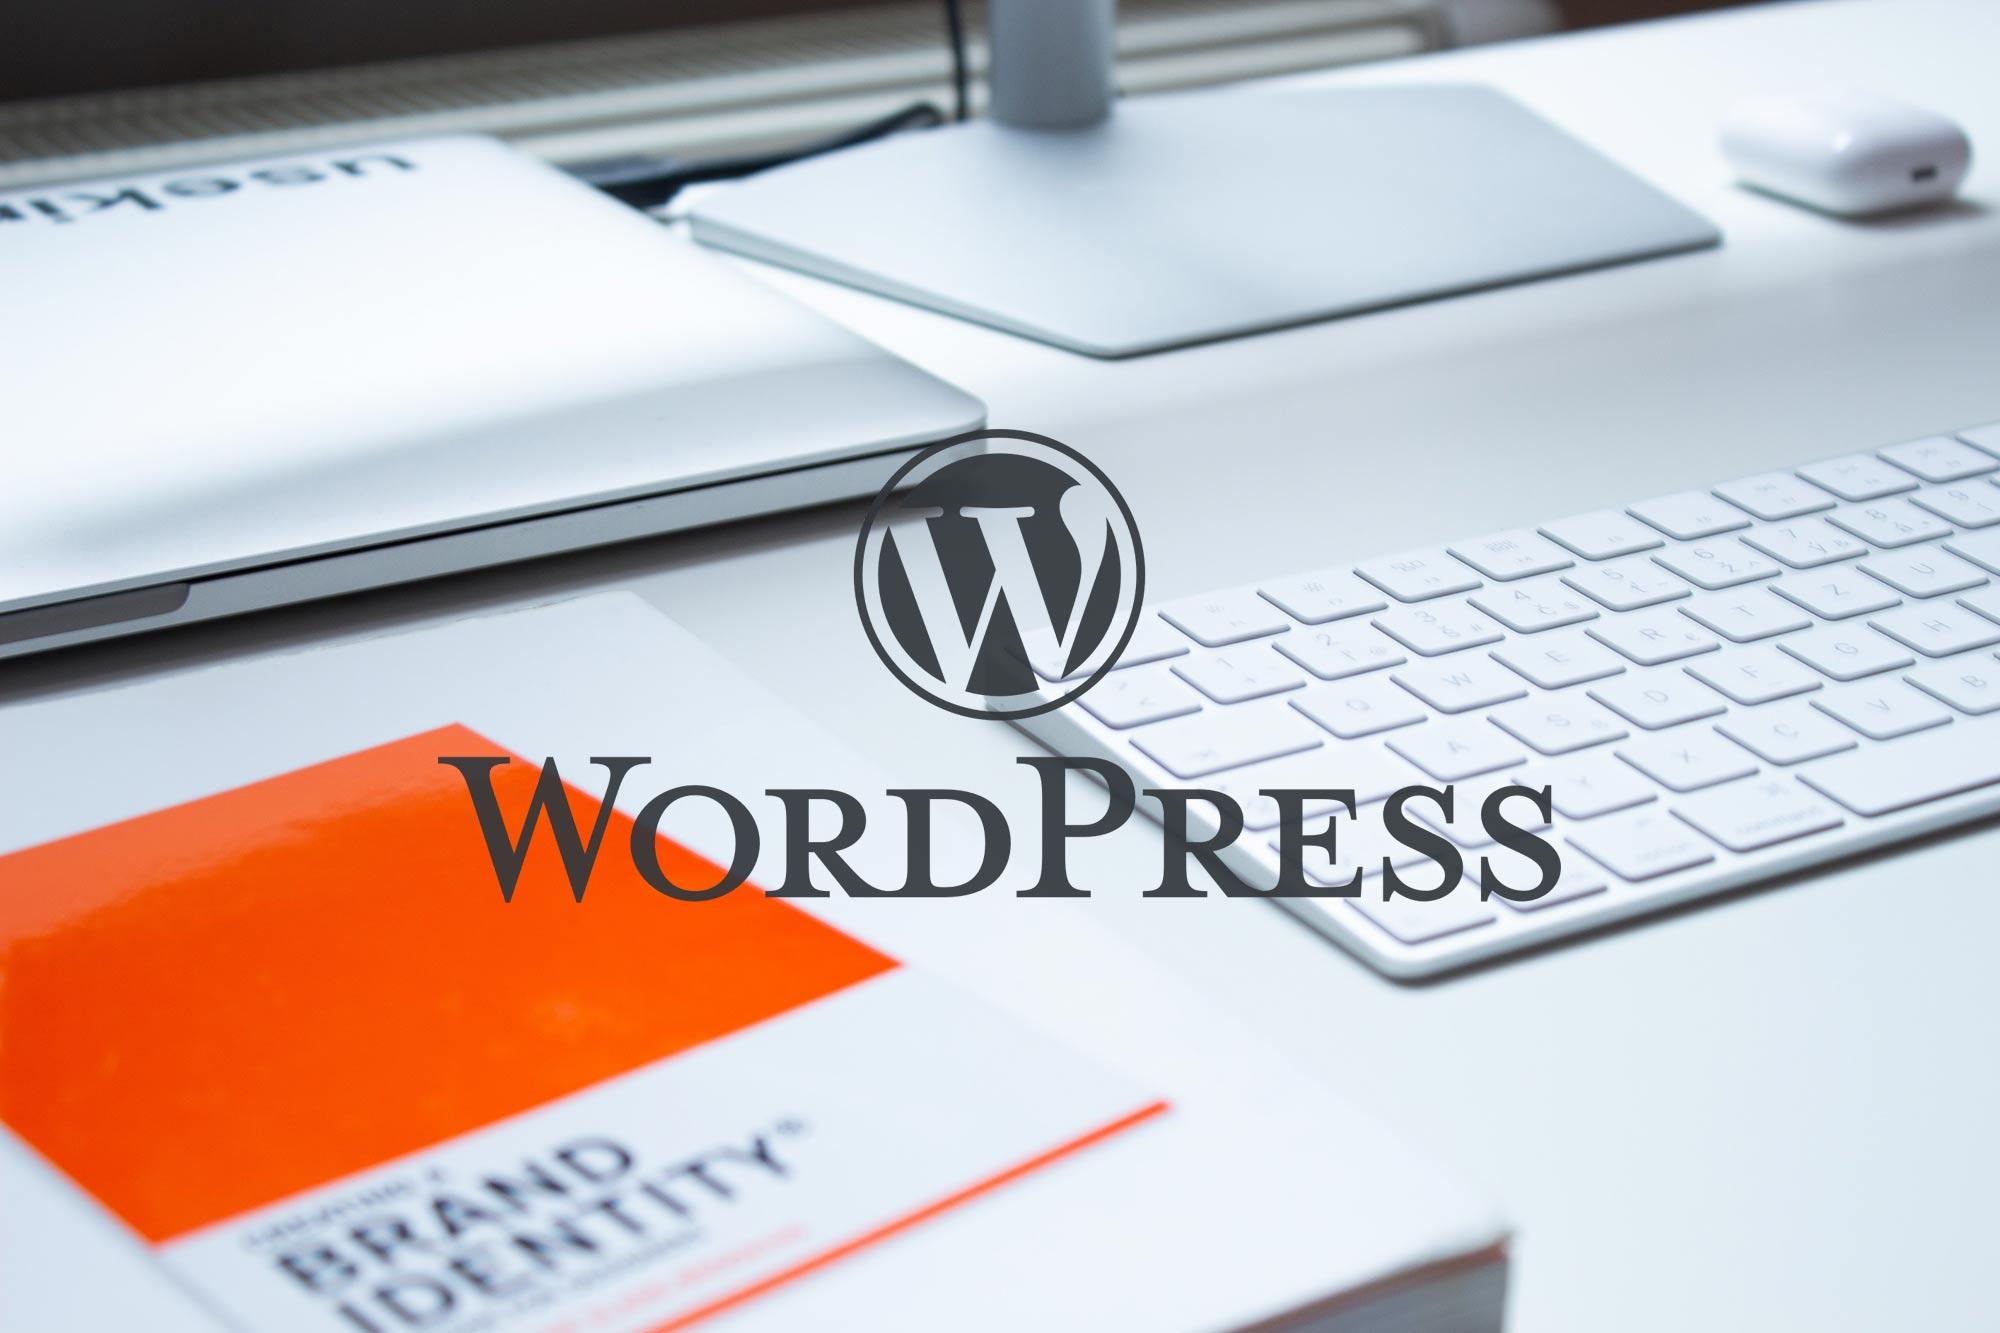 網頁設計-WordPress是最主流的CMS內容管理網站系統-國際知名事業使用WordPress建構網站的很多如:TechCrunch, The New Yorker, Beyonc...等。Wordpress 在CM Swordpress網頁設計的市場佔有率是60%;總網路網站佔有率33 (2019W3Techs)...台北wordpress網頁設計公司推薦-2.5D品牌顧問(wordpress網站設計報價單、收費、費用洽詢)提供:響應式wordpress網頁設計、公司品牌wordpress網站設計、公司wordpress網頁形象設計、wordpres關鍵字優化、wordpress網路開店、購物wordpress網站設計、wordpress網頁設計作品、wordpress網頁設計步驟、wordpress網頁設計範例、設計公司wordpress網頁設計、官wordpress網設計、學校wordpress網頁設計、貿易wordpress網頁設計、外銷wordpress網頁設計、研究中心wordpress網頁設計、大學wordpress網頁設計、系所wordpress網頁設計、藝廊wordpress網頁設計)台北網頁設計公司推薦-提供RWD響應式網頁設計,公司形象網頁設計,公司網站建置架設,SEO關鍵字優化與企業客製化網頁設計;推薦Wordpress套版與網頁設計作品集(網頁設計方案,價格費用,收費報價單與網頁設計步驟流程洽詢)電商購物、網站設計服務觸及台中,台南,高雄,桃園,新竹與北台灣-歡迎聯繫。網頁設計範例有公司ㄧ頁式網頁設計,科技公司網站設計,設計公司網頁設計,網頁設計美編,公司官網設計,餐廳網站設計,工作室網頁設計,貿易網頁設計,外銷網頁設計,大學網頁設計,系所學校網頁設計,研究中心網頁設計,藝廊網頁設計...